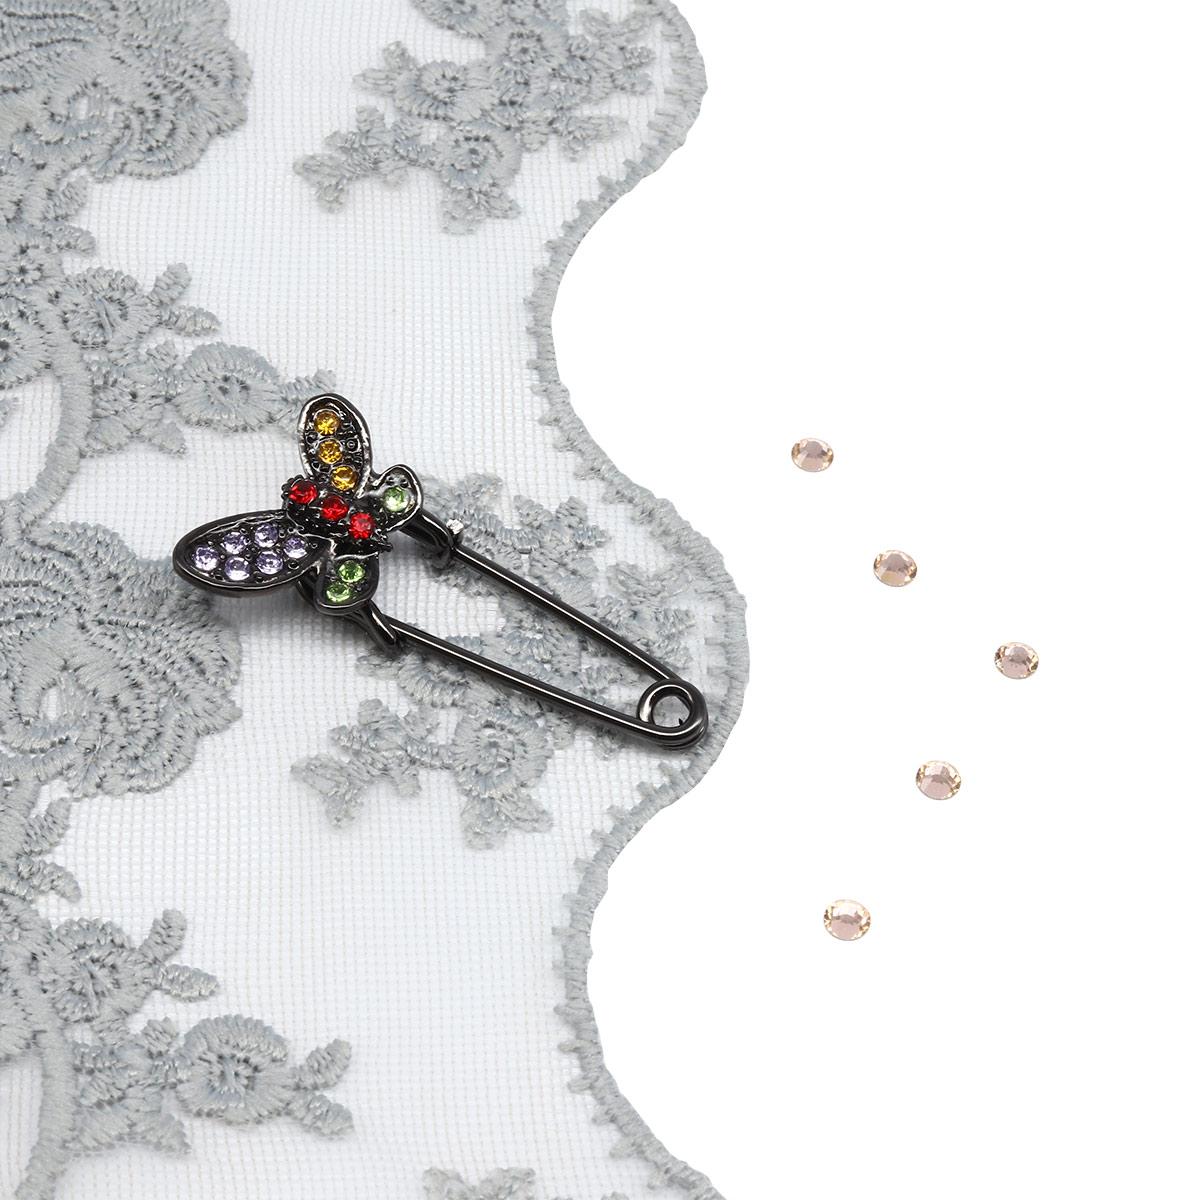 Брошь-булавка 220166, цвет #6 черный никель, Hobby&Pro